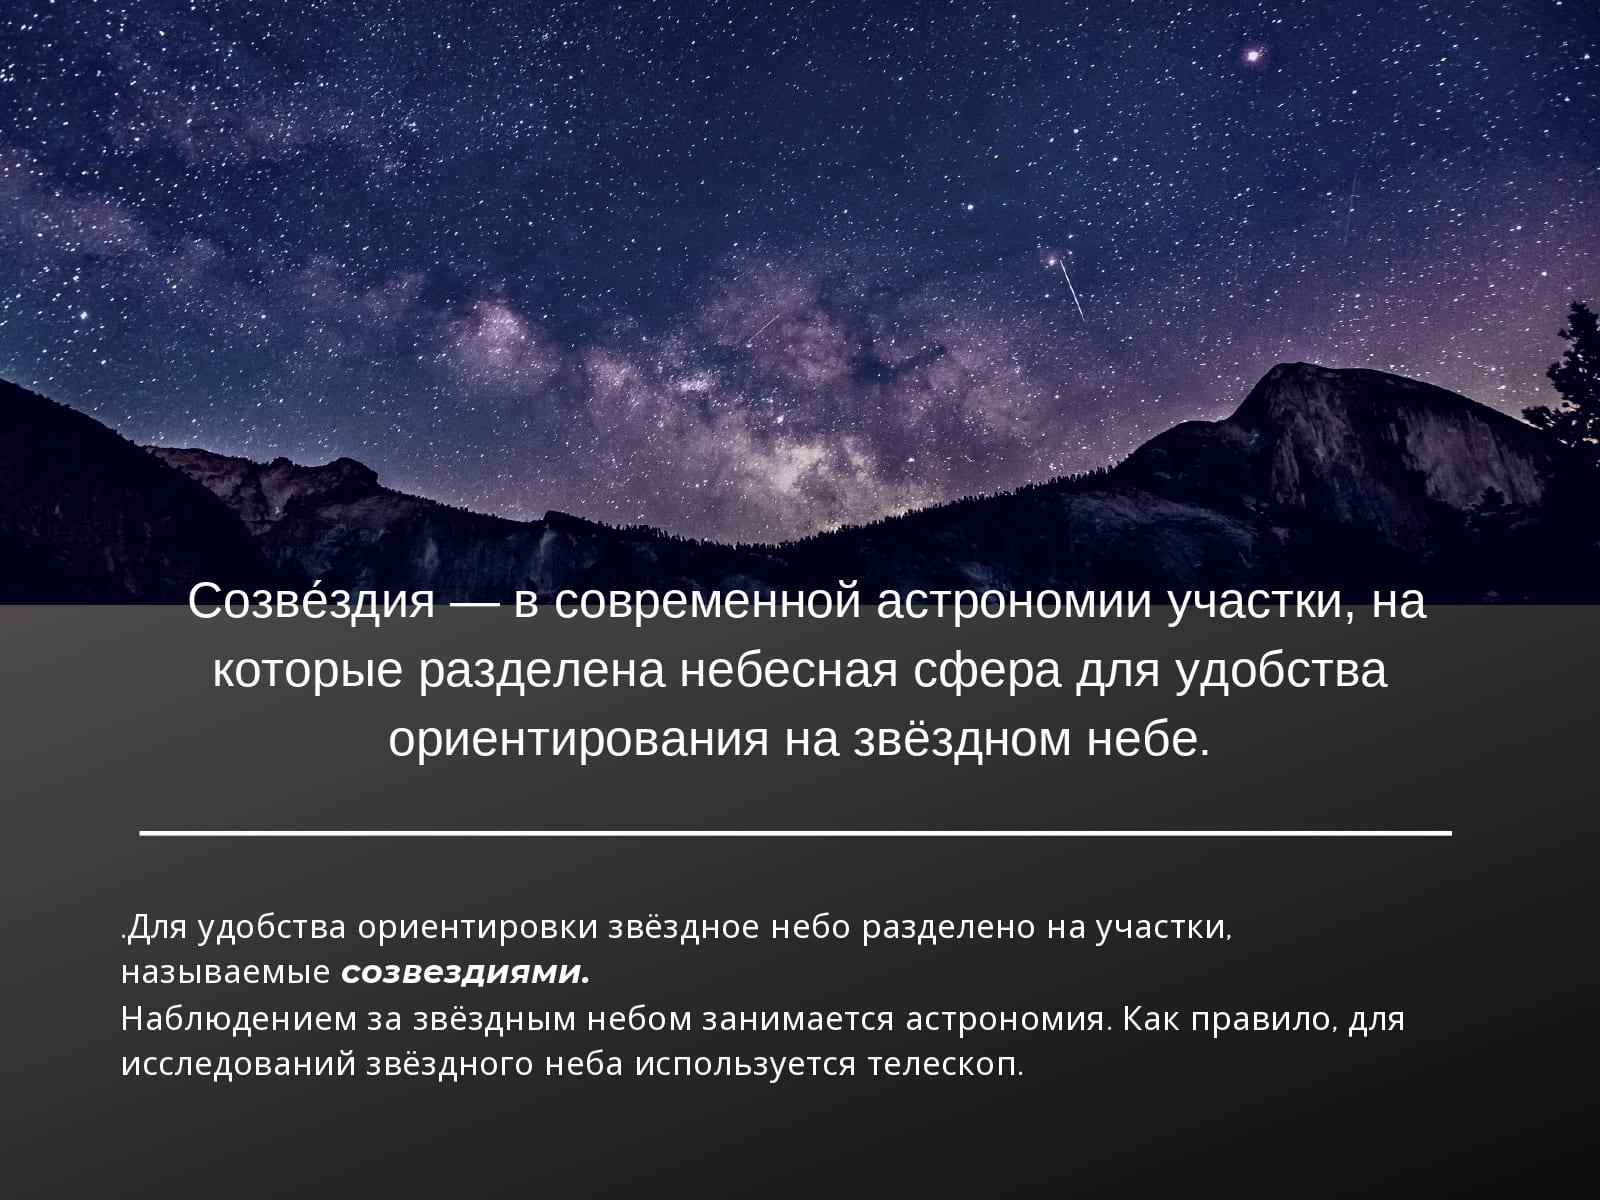 Созвездия - в современной астрономии